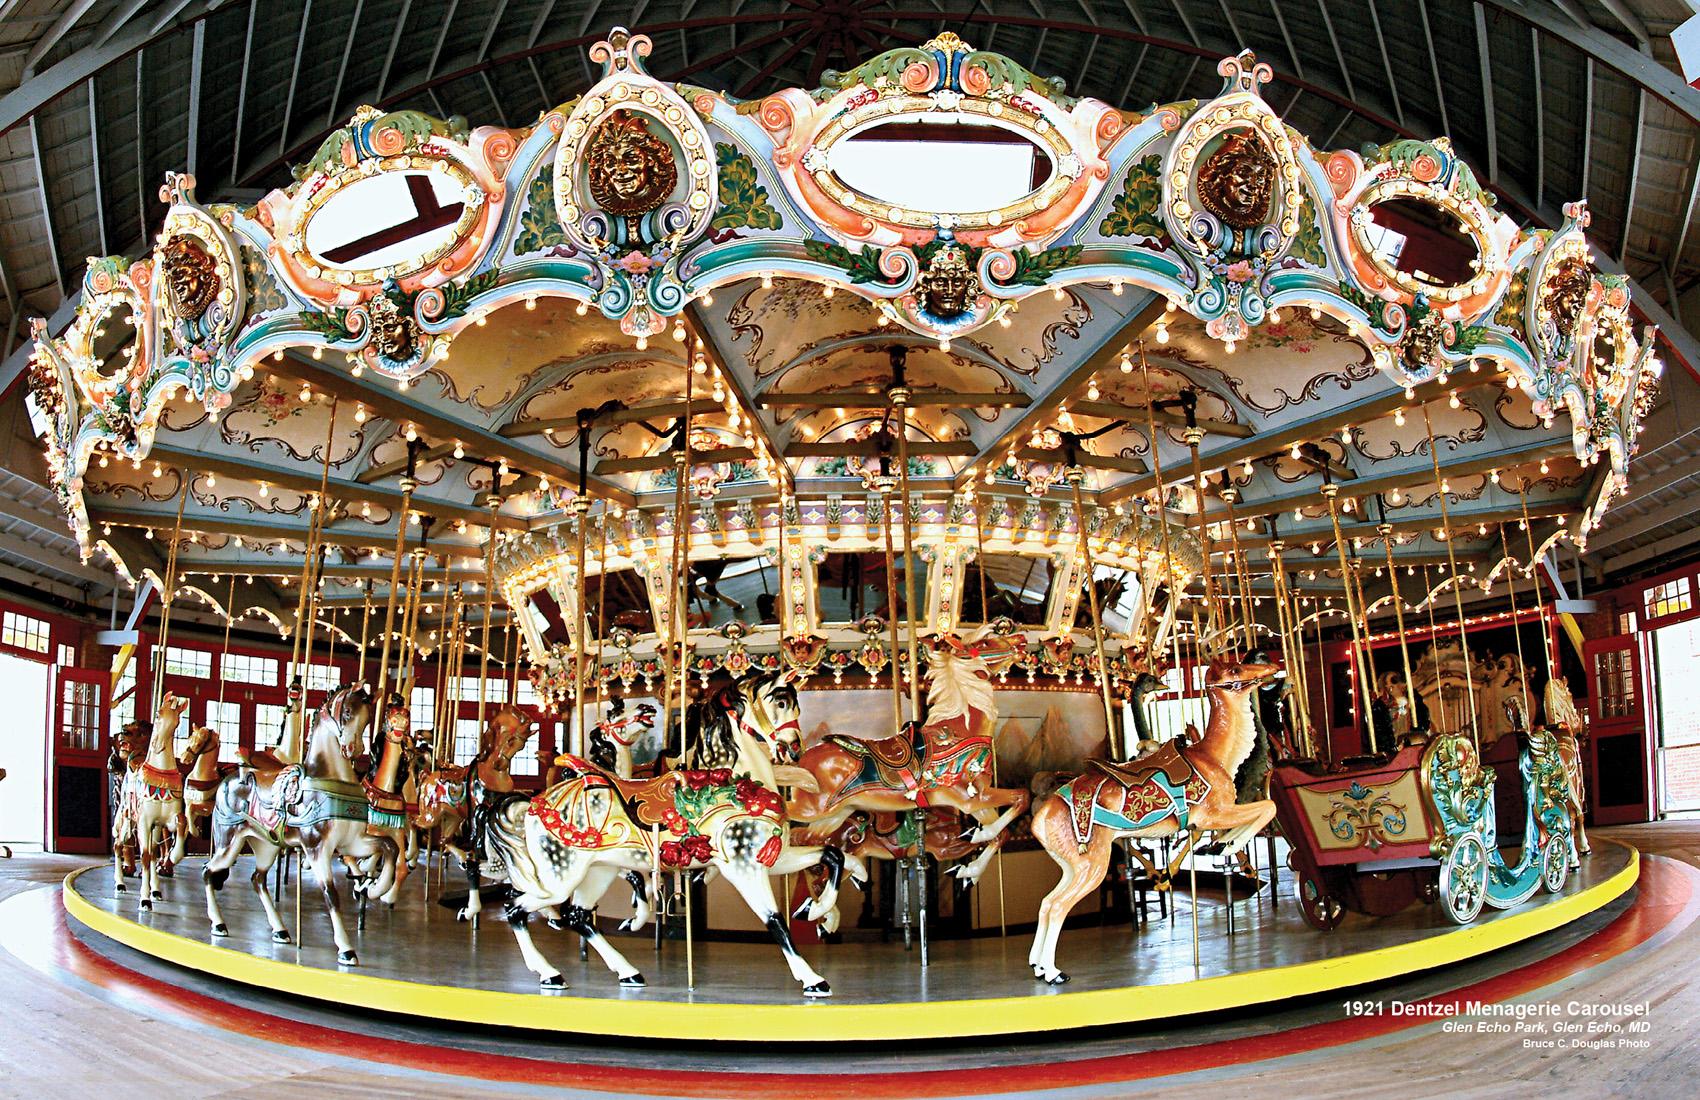 1921-Dentzel-carousel-Glen-Echo-MD-CNT-center-AUG-09